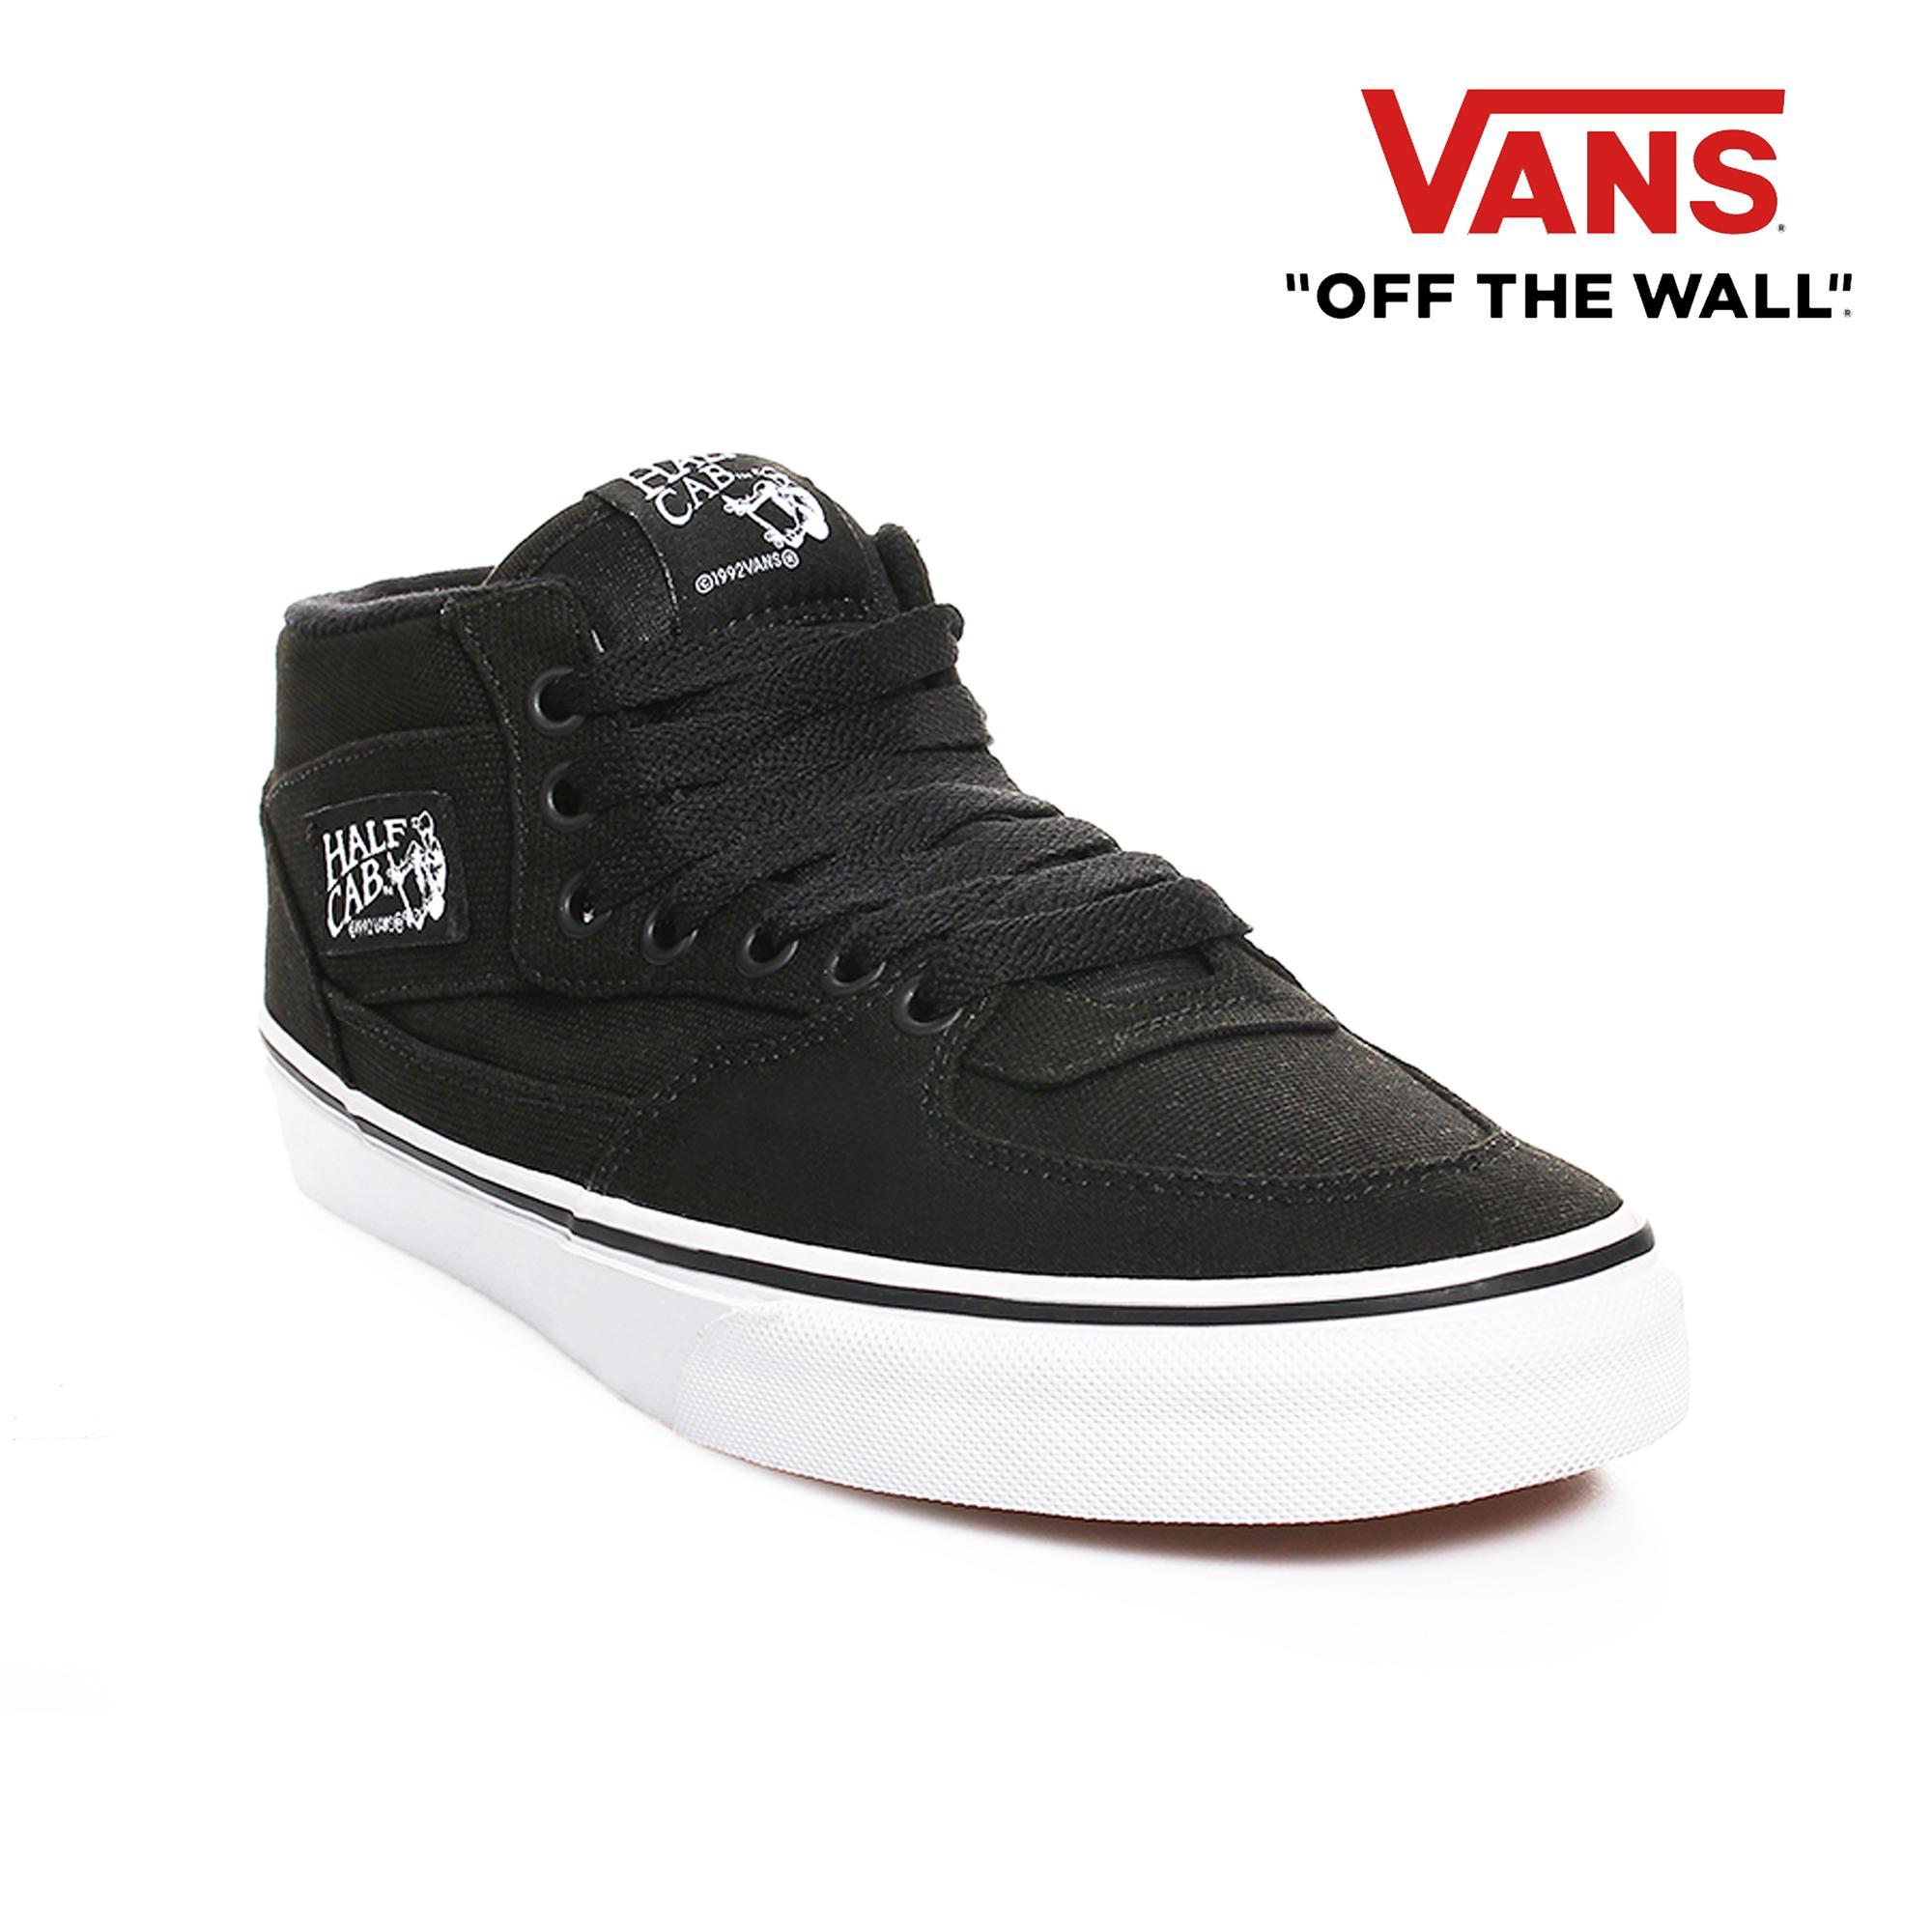 1dfce32ab0 Vans Shoes for Men Philippines - Vans Men s Shoes for sale - prices ...